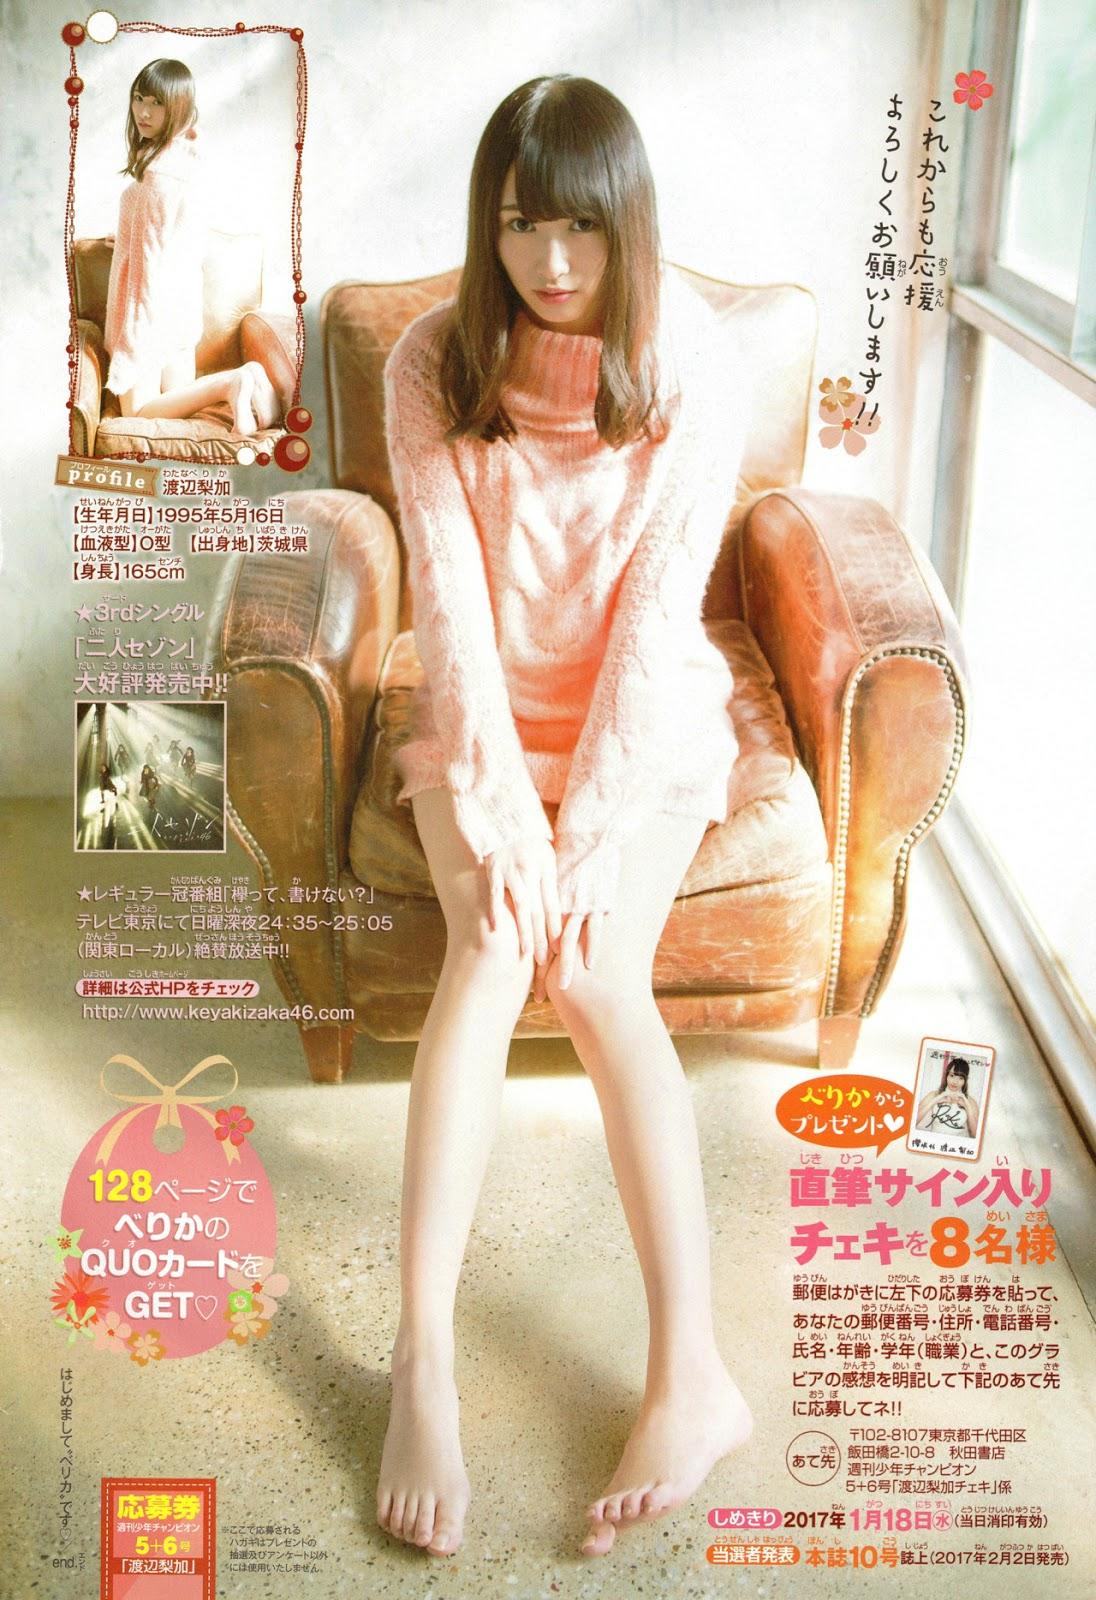 ファッション誌の渡辺梨加さんの画像